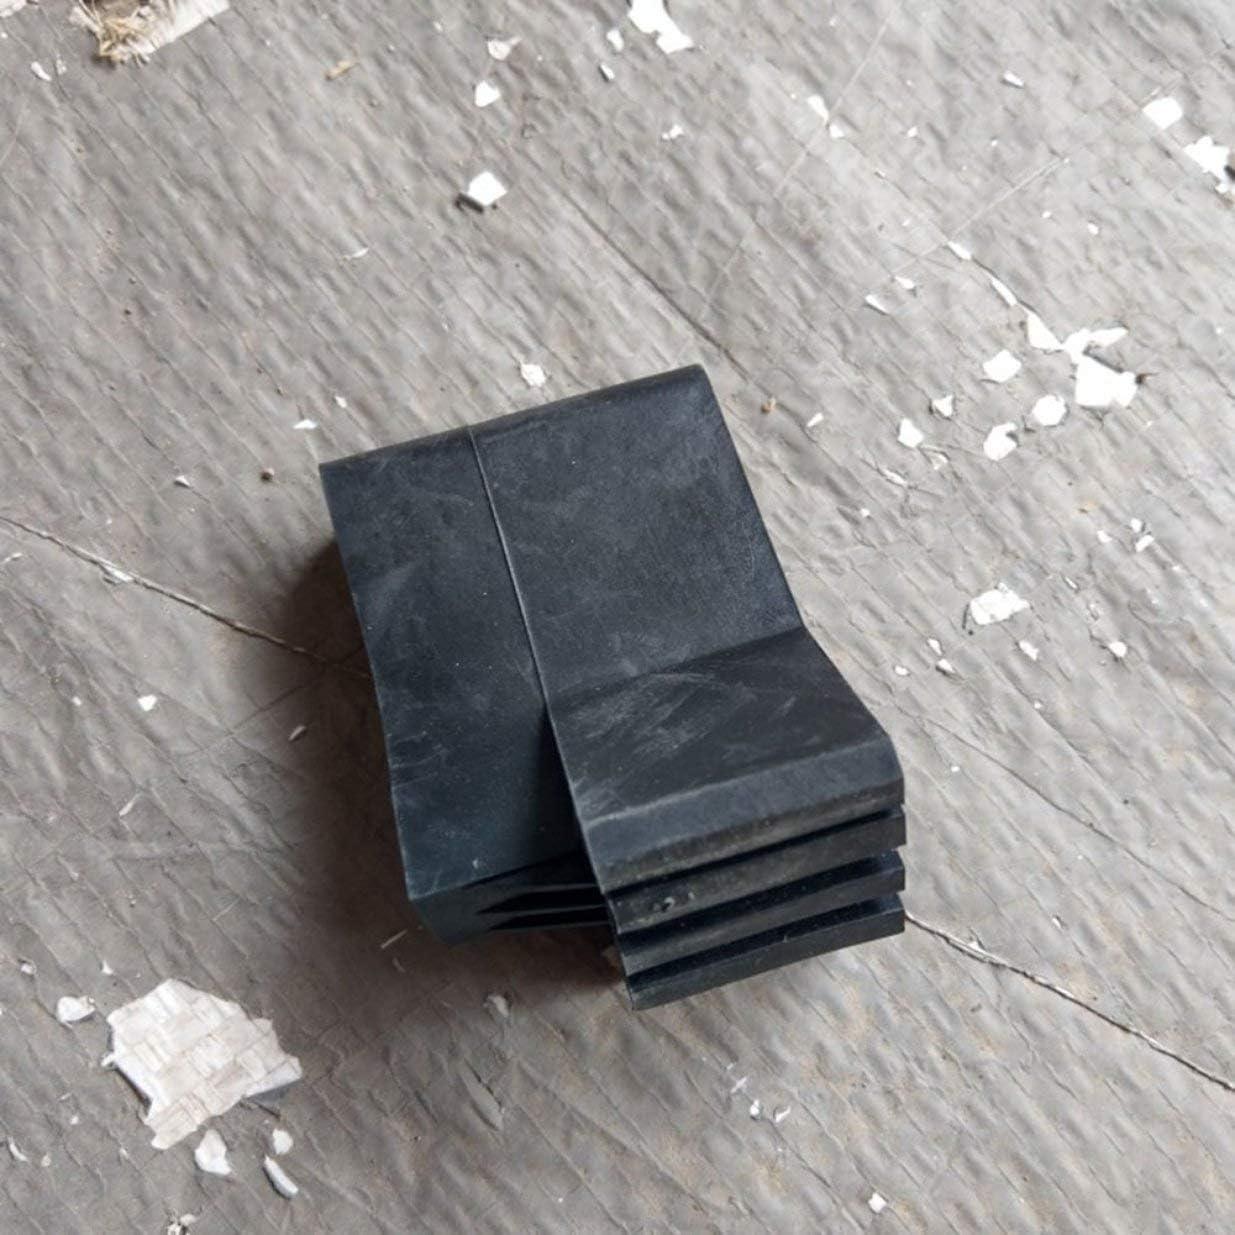 Leiter Runde Fu/ßabdeckung Exquisite Langlebige Multifunktions-Faltleiter F/ächerf/örmige Fu/ßabdeckung Antirutschmatte